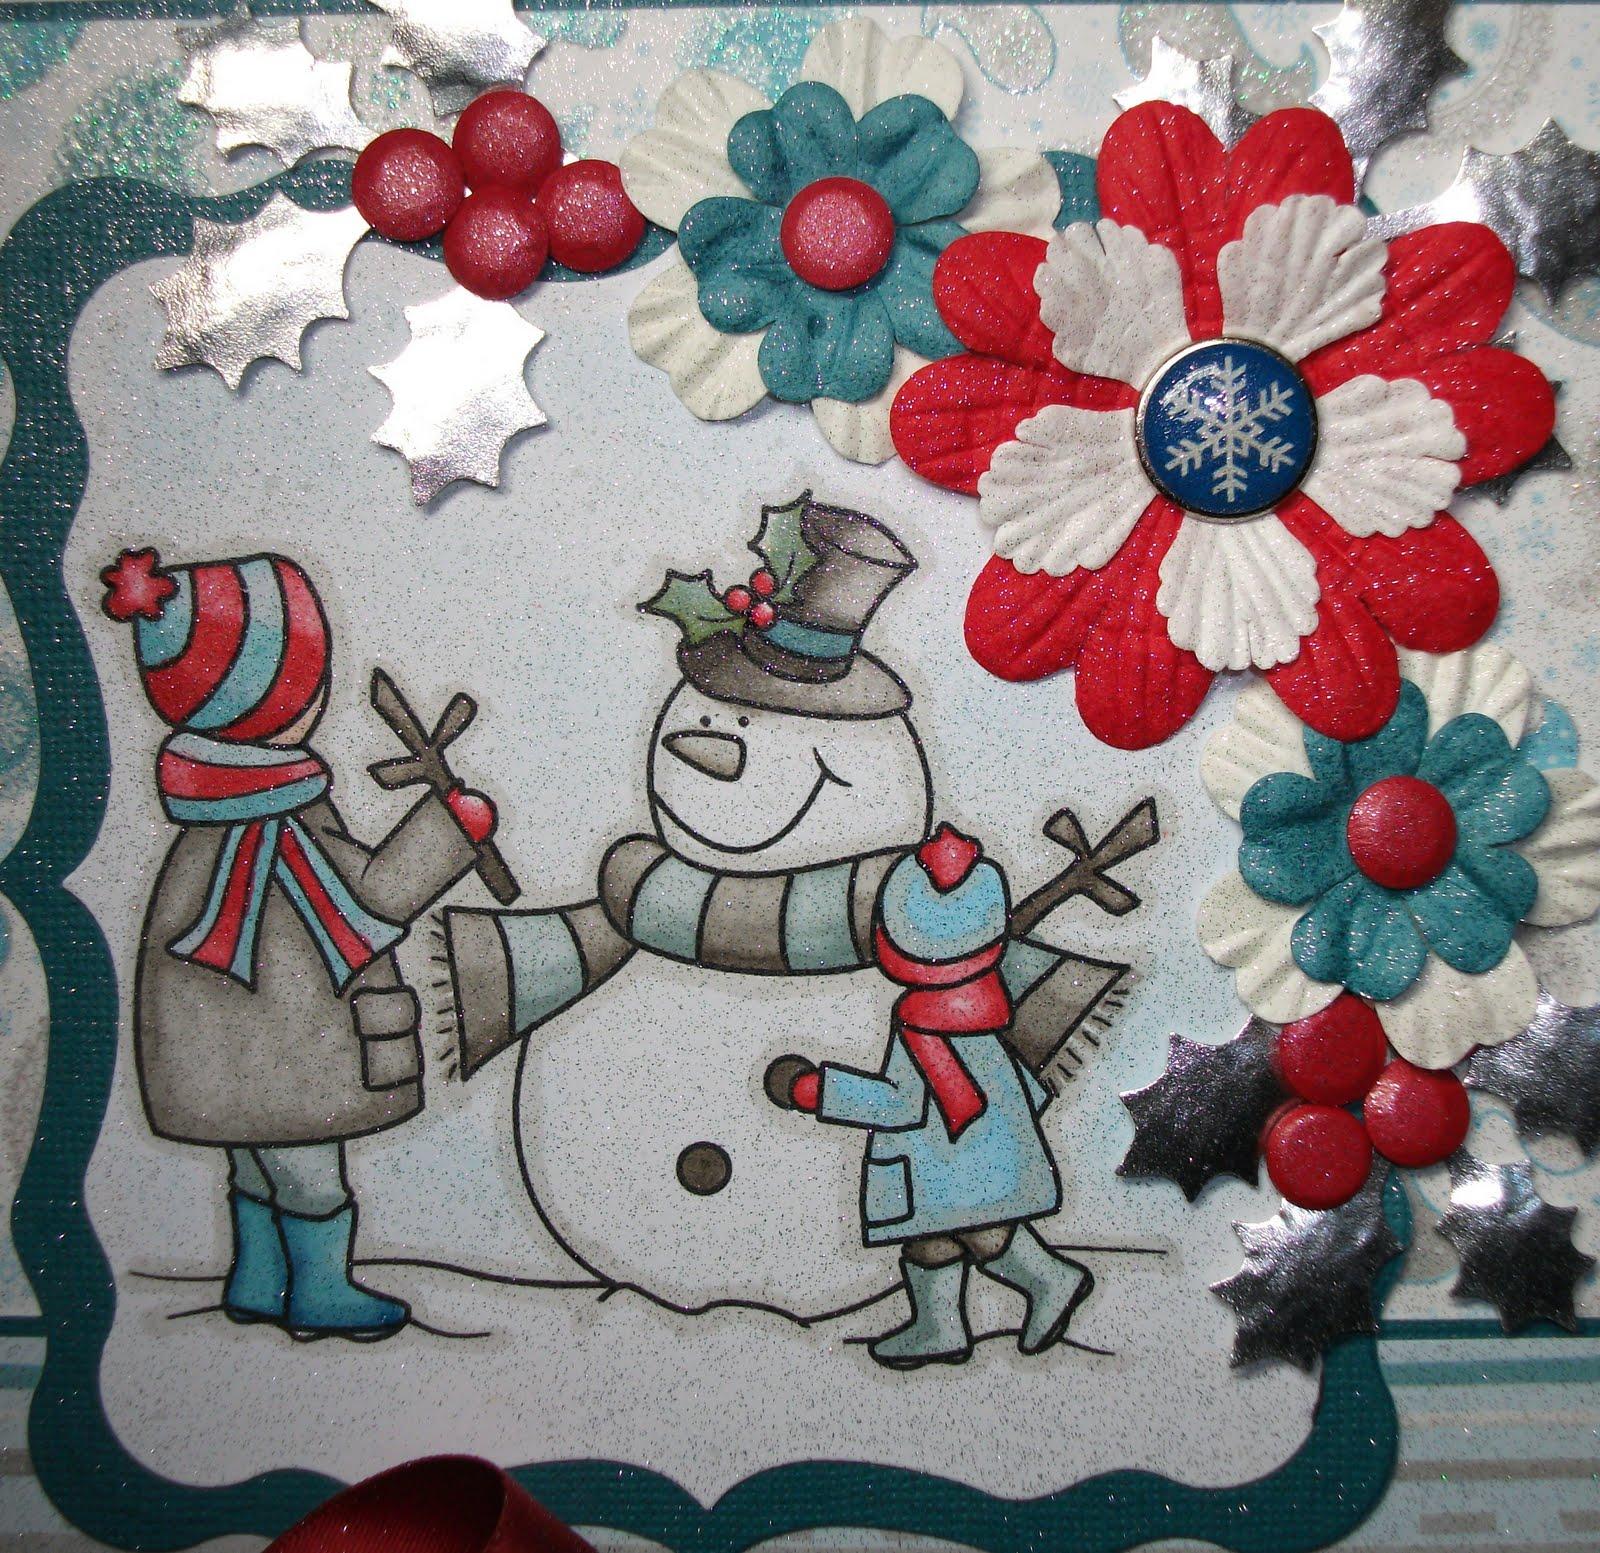 http://1.bp.blogspot.com/_gROCxnb25zA/TQ8n2ubVH5I/AAAAAAAABxY/jW3idTOO1rM/s1600/snowplay2.jpg